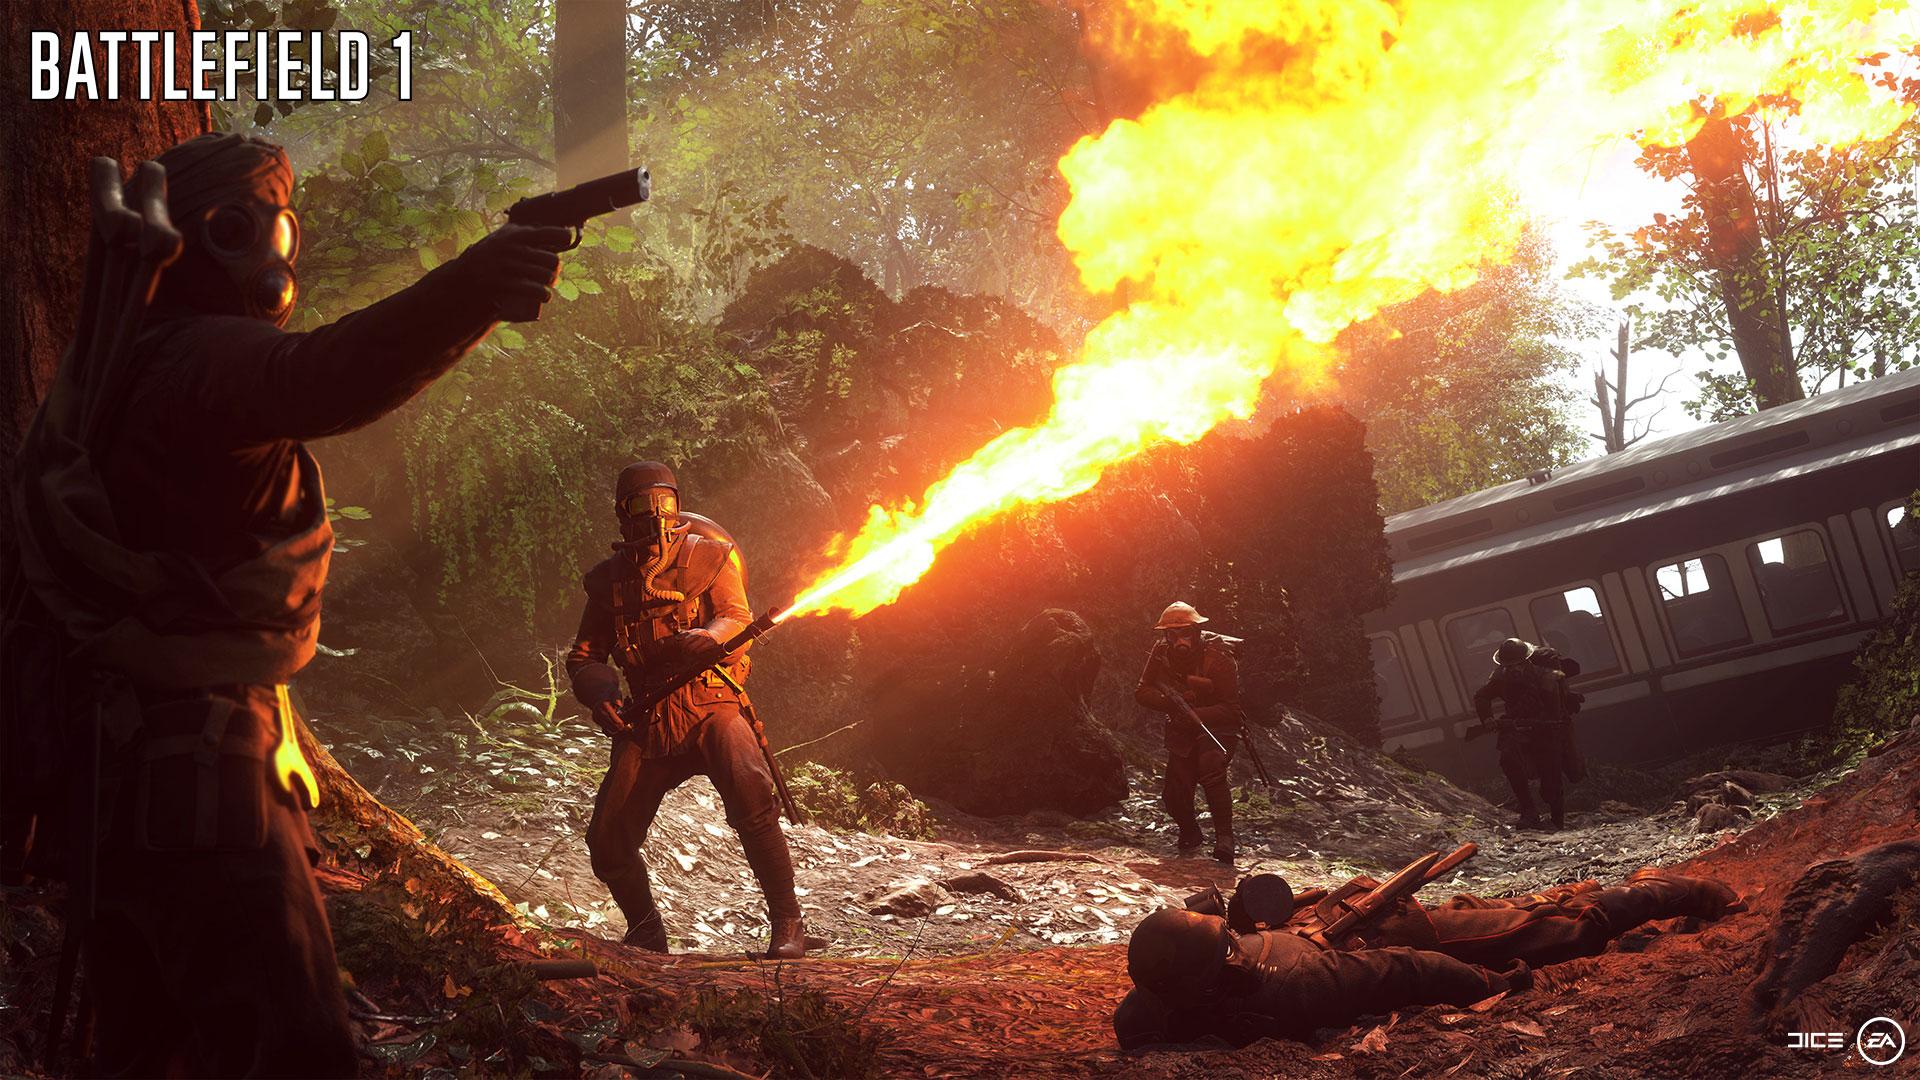 """Zeitlicher Rückschritt, inszenatorischer Fortschritt: Mit """"Battlefield 1"""" verlegen Electronic Arts und Dice ihre beliebte Shooter-Reihe von der Gegenwart in den Ersten Weltkrieg. (21.10. für PS4, XBO, PC)."""